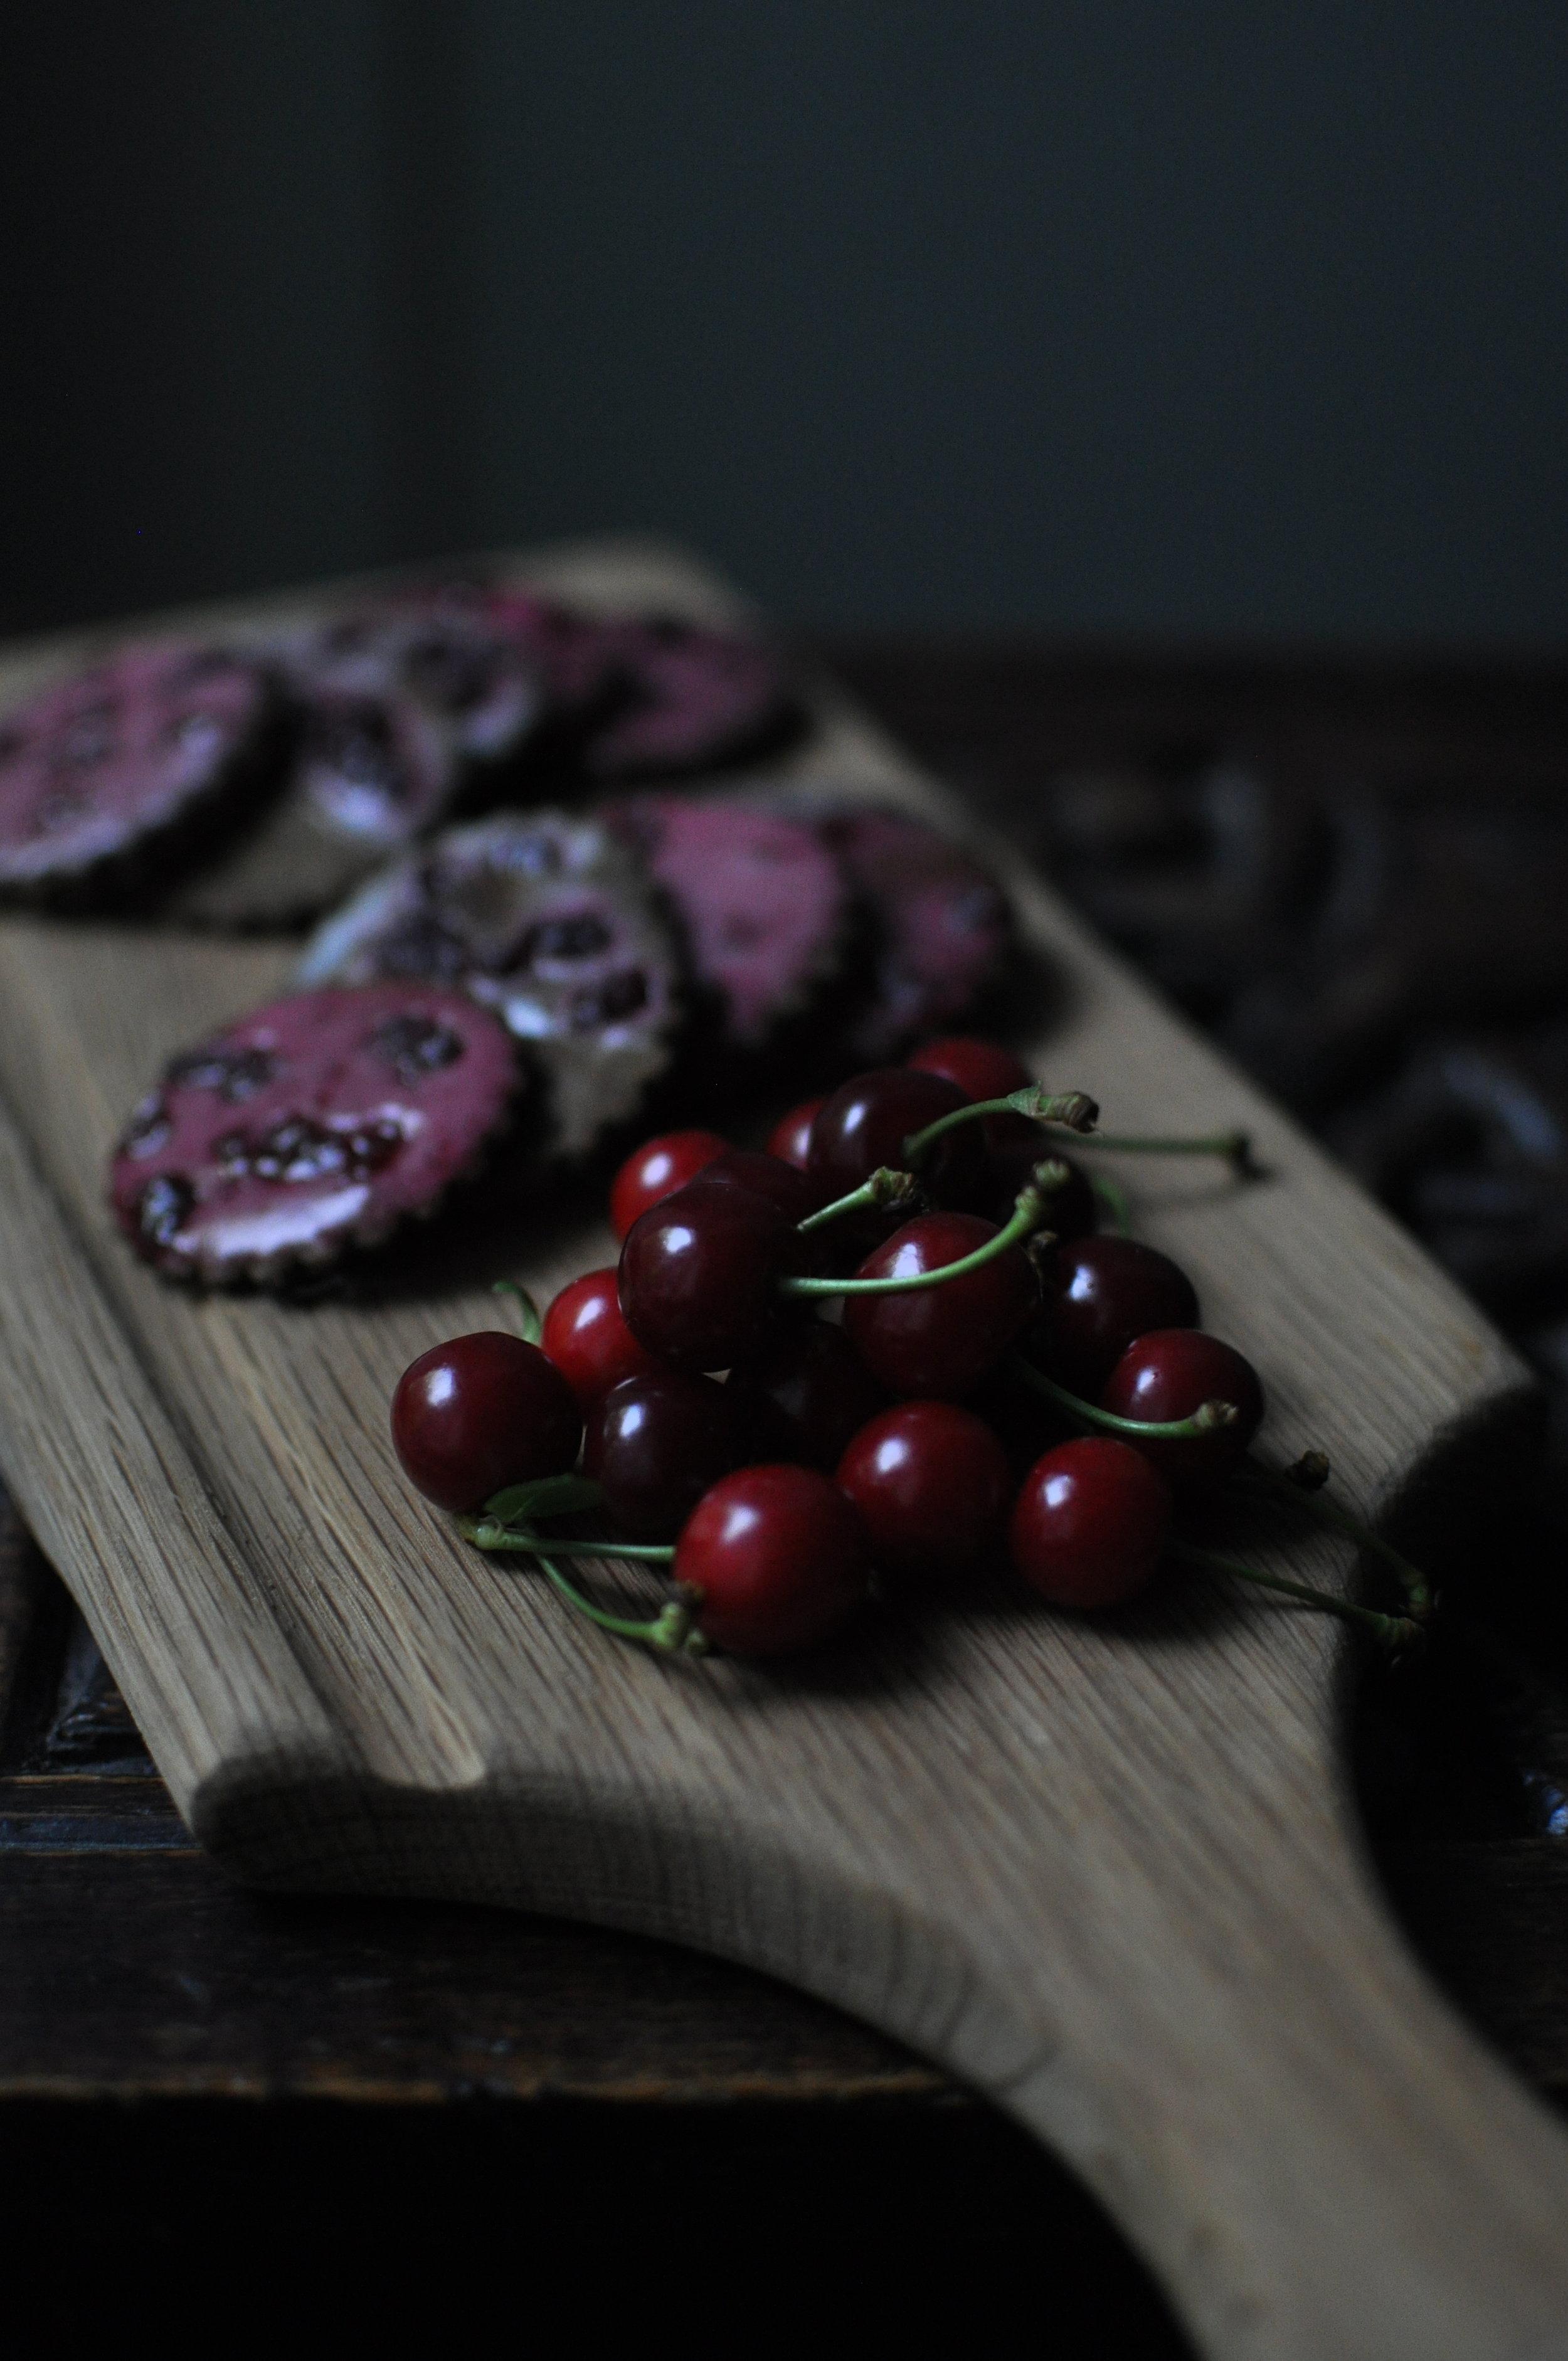 EMOSIWN Cherry Biscuits & Cherries DSC_1759.JPG